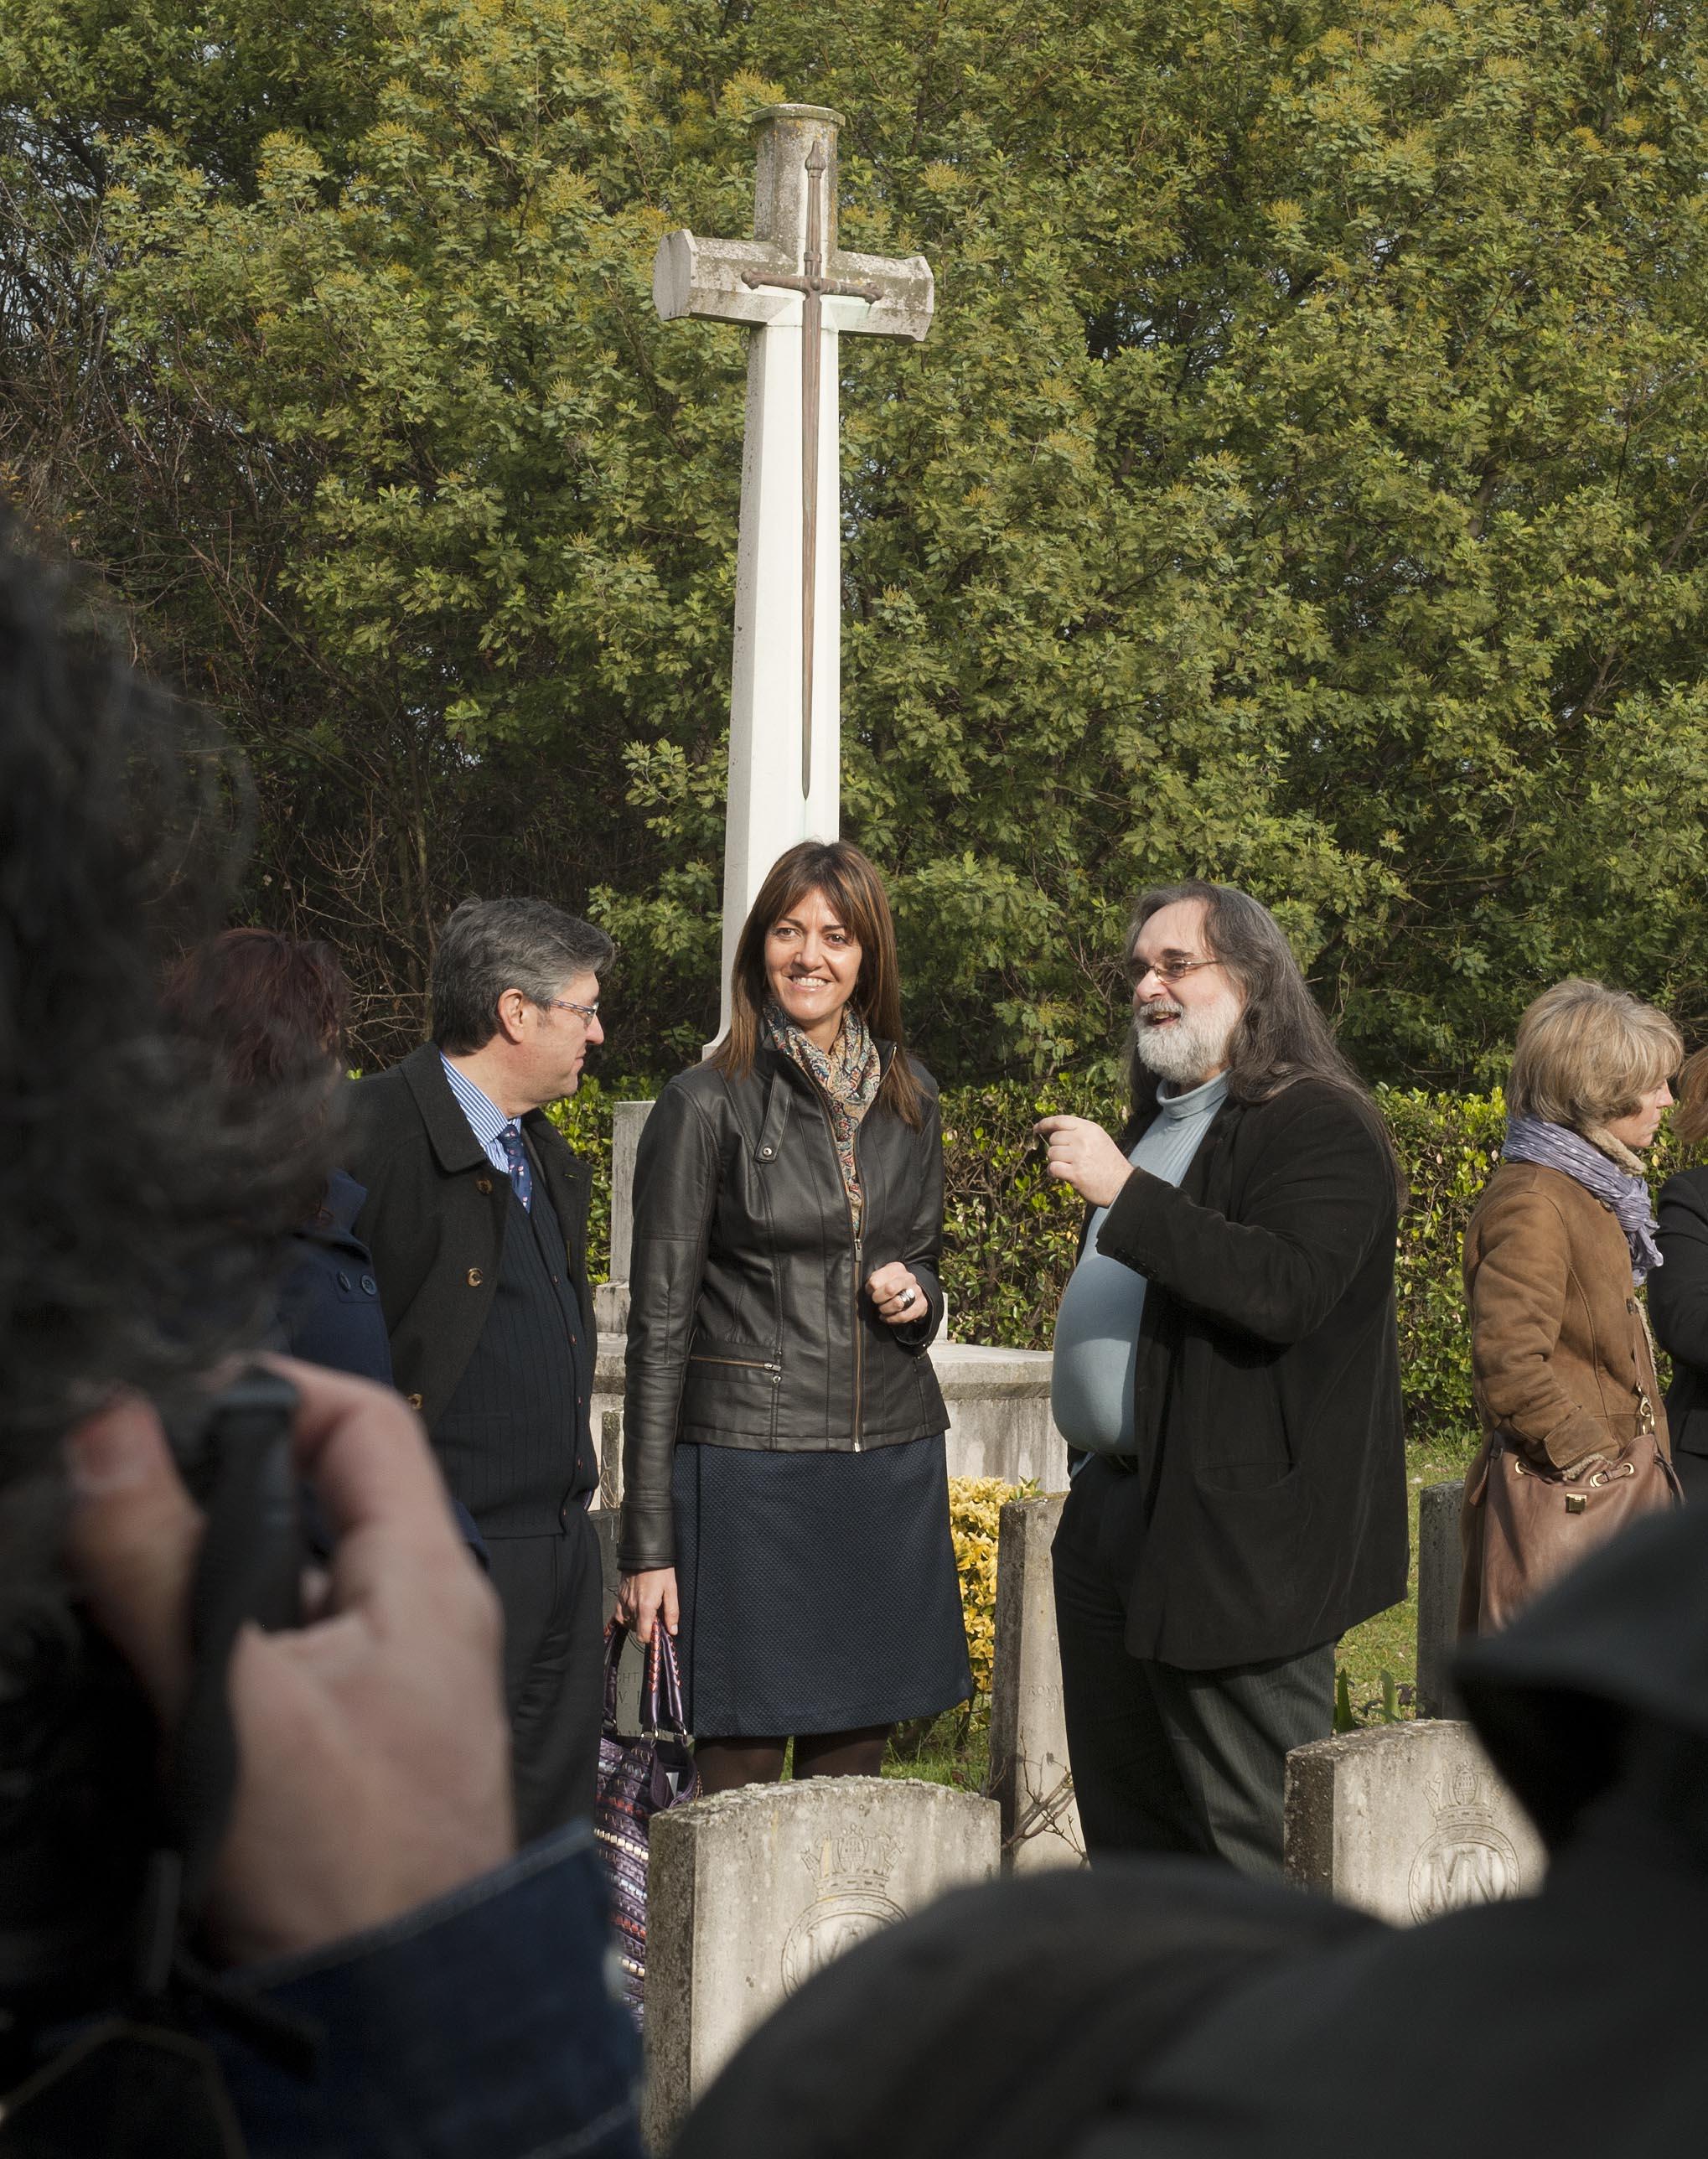 2012_01_18_mendia_cementerio_britanico11.jpg